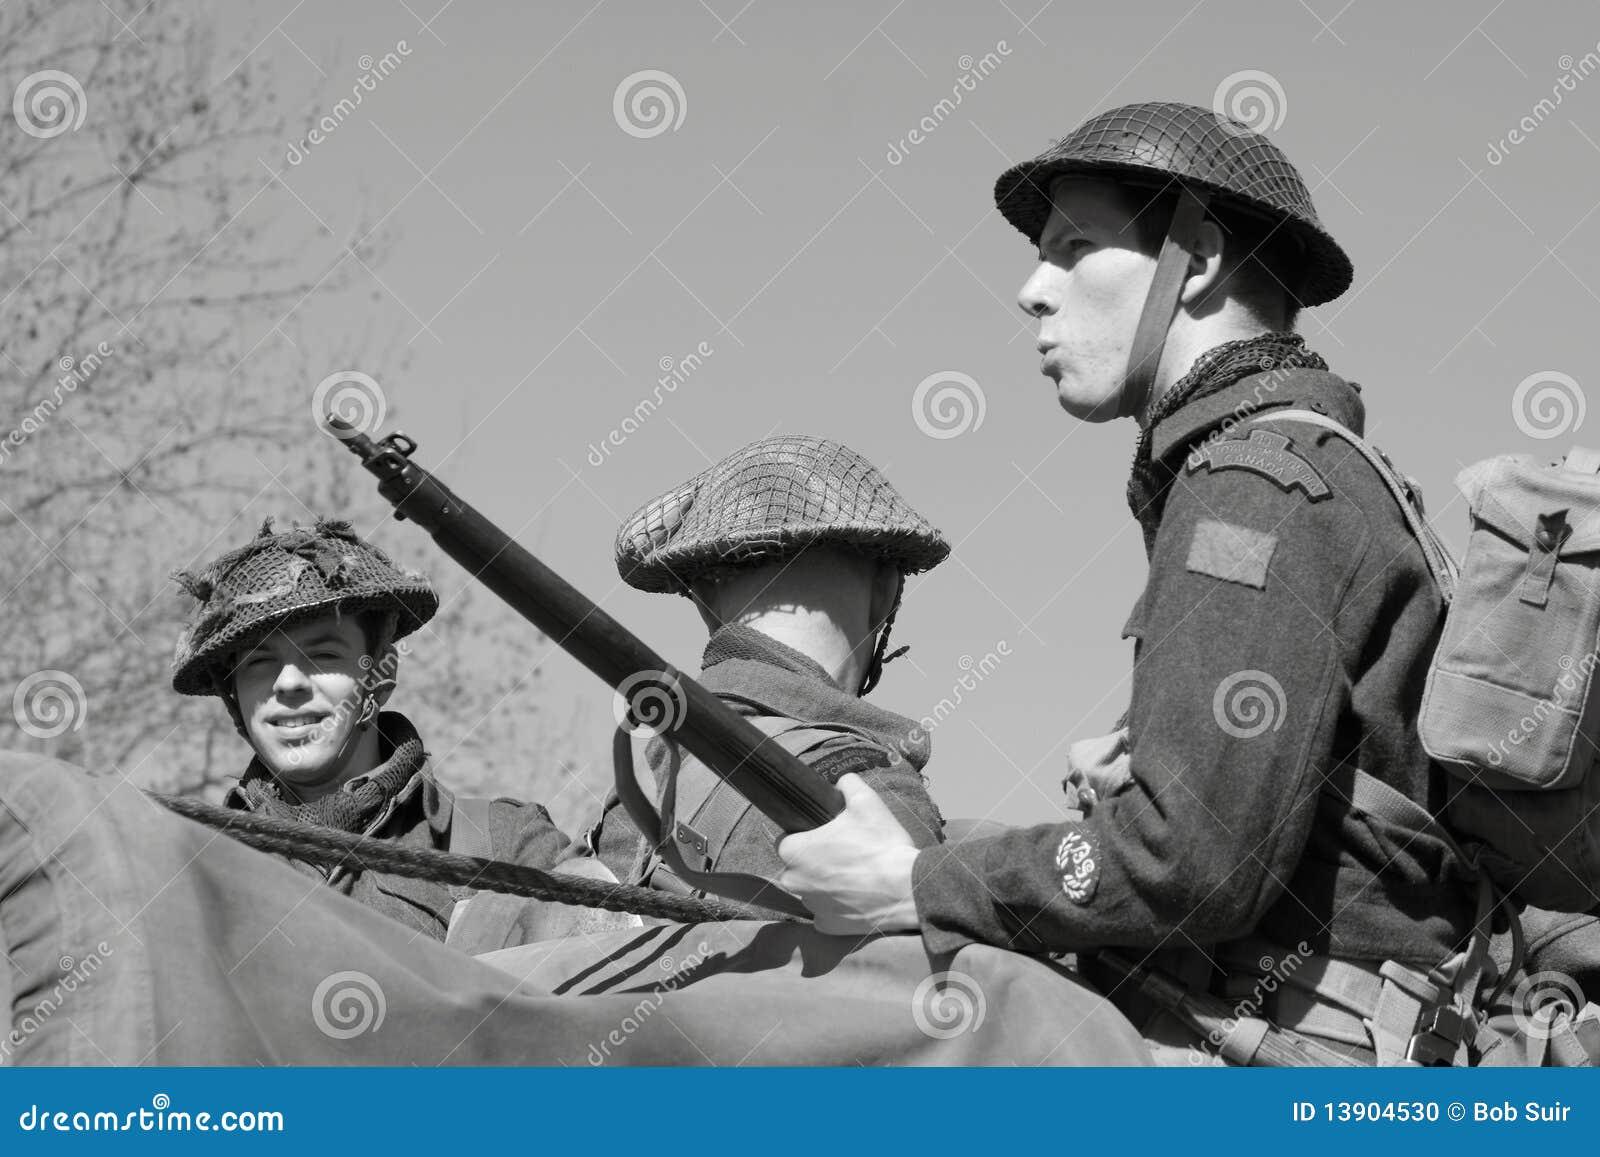 Weltkriegsoldaten